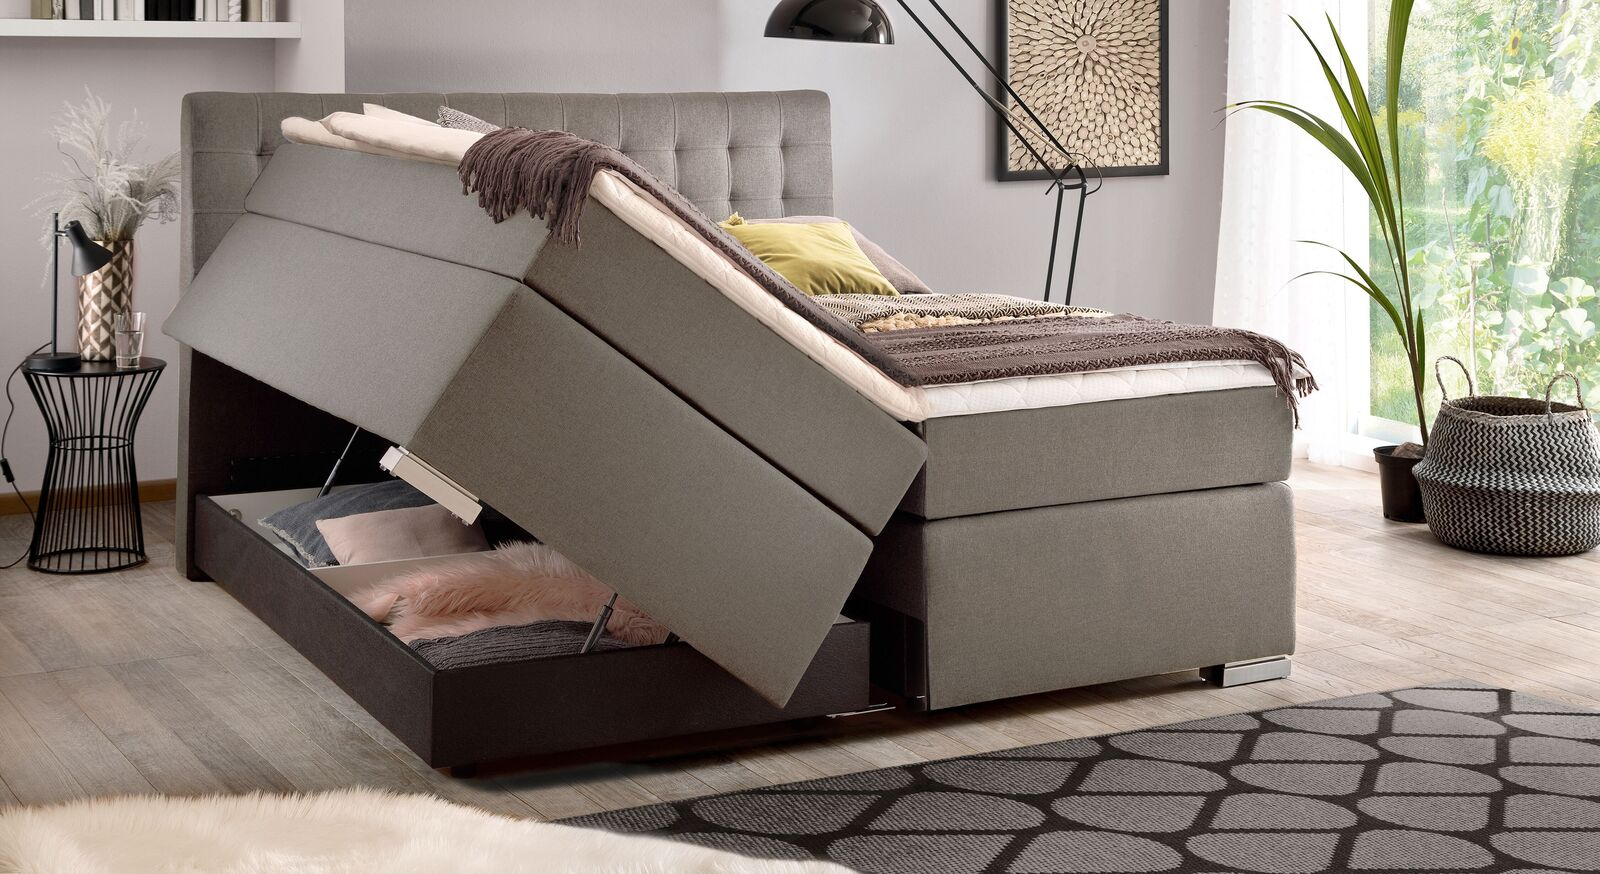 Bettkasten-Boxspringbett Santera mit integriertem Stauraum